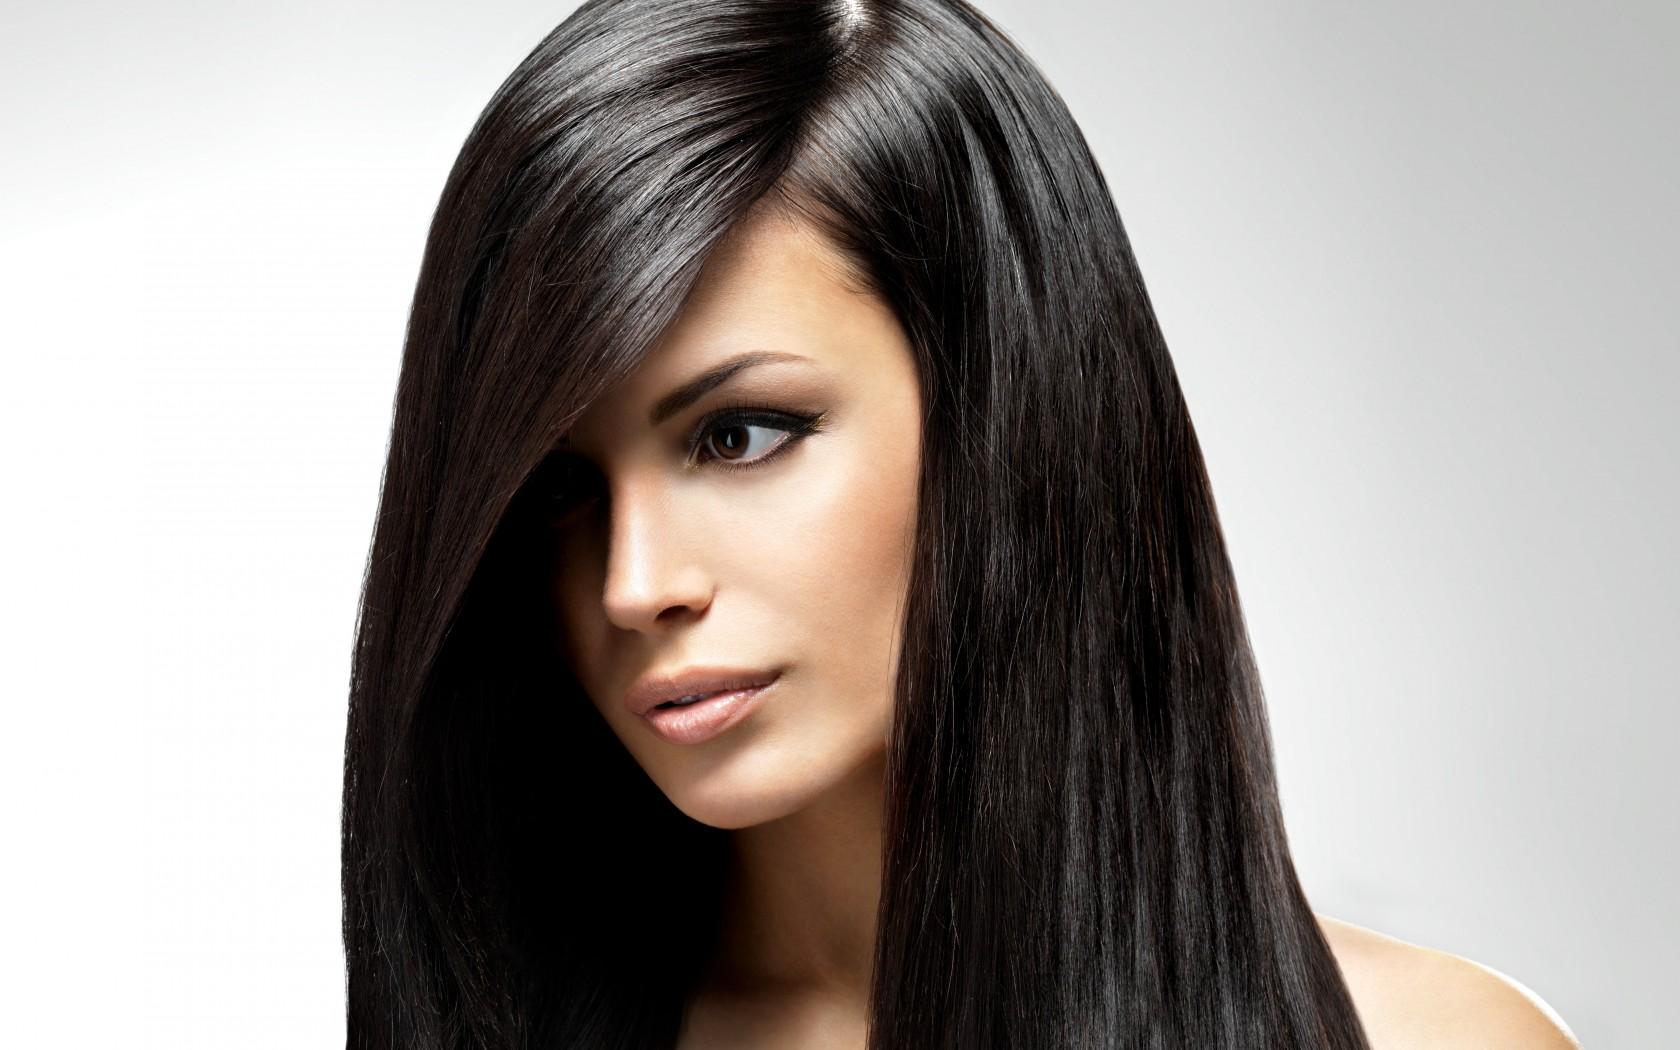 Красивые девушки с чёрными волосами 15 фотография